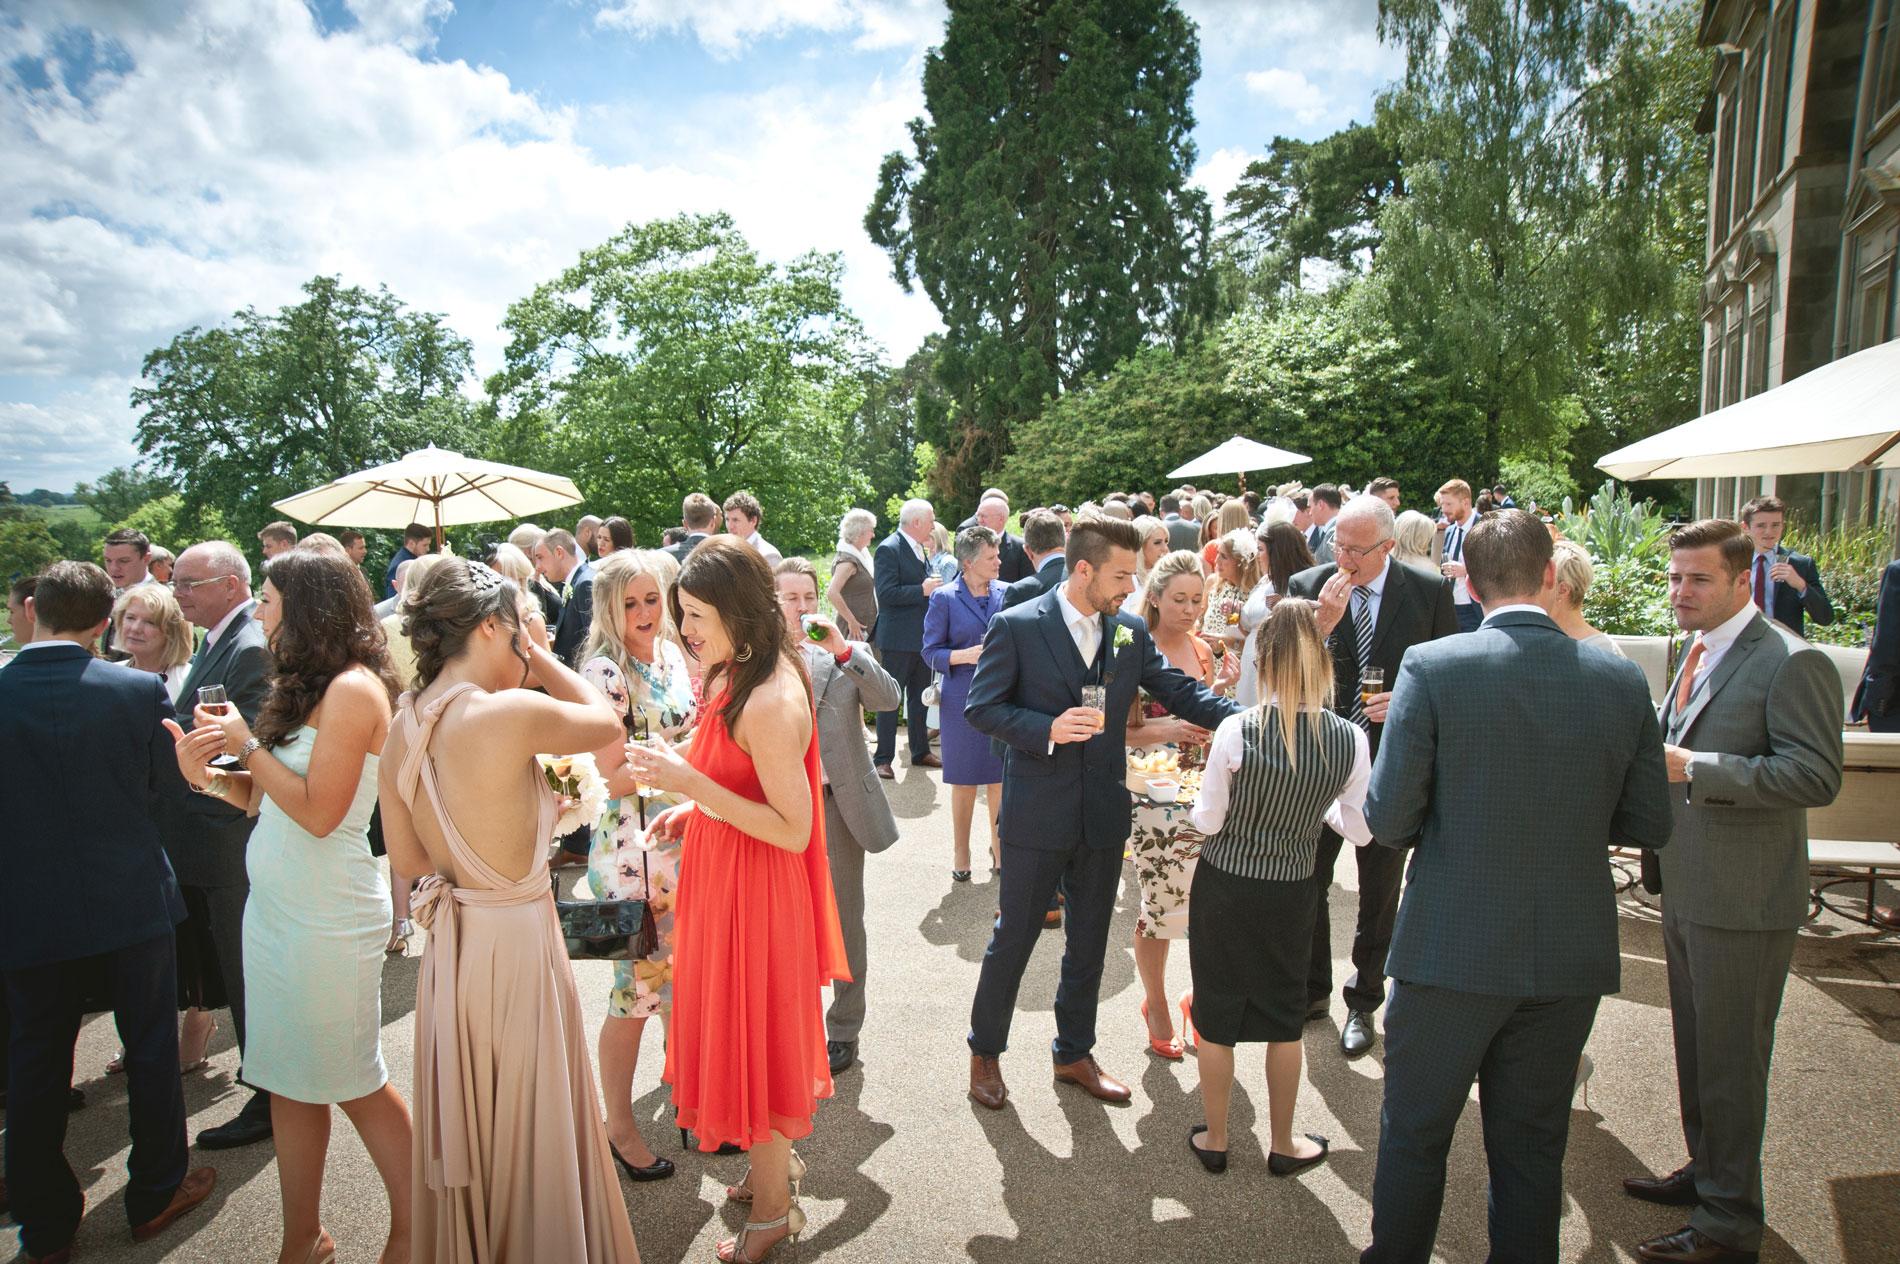 Kilworth-weddings-_66.jpg